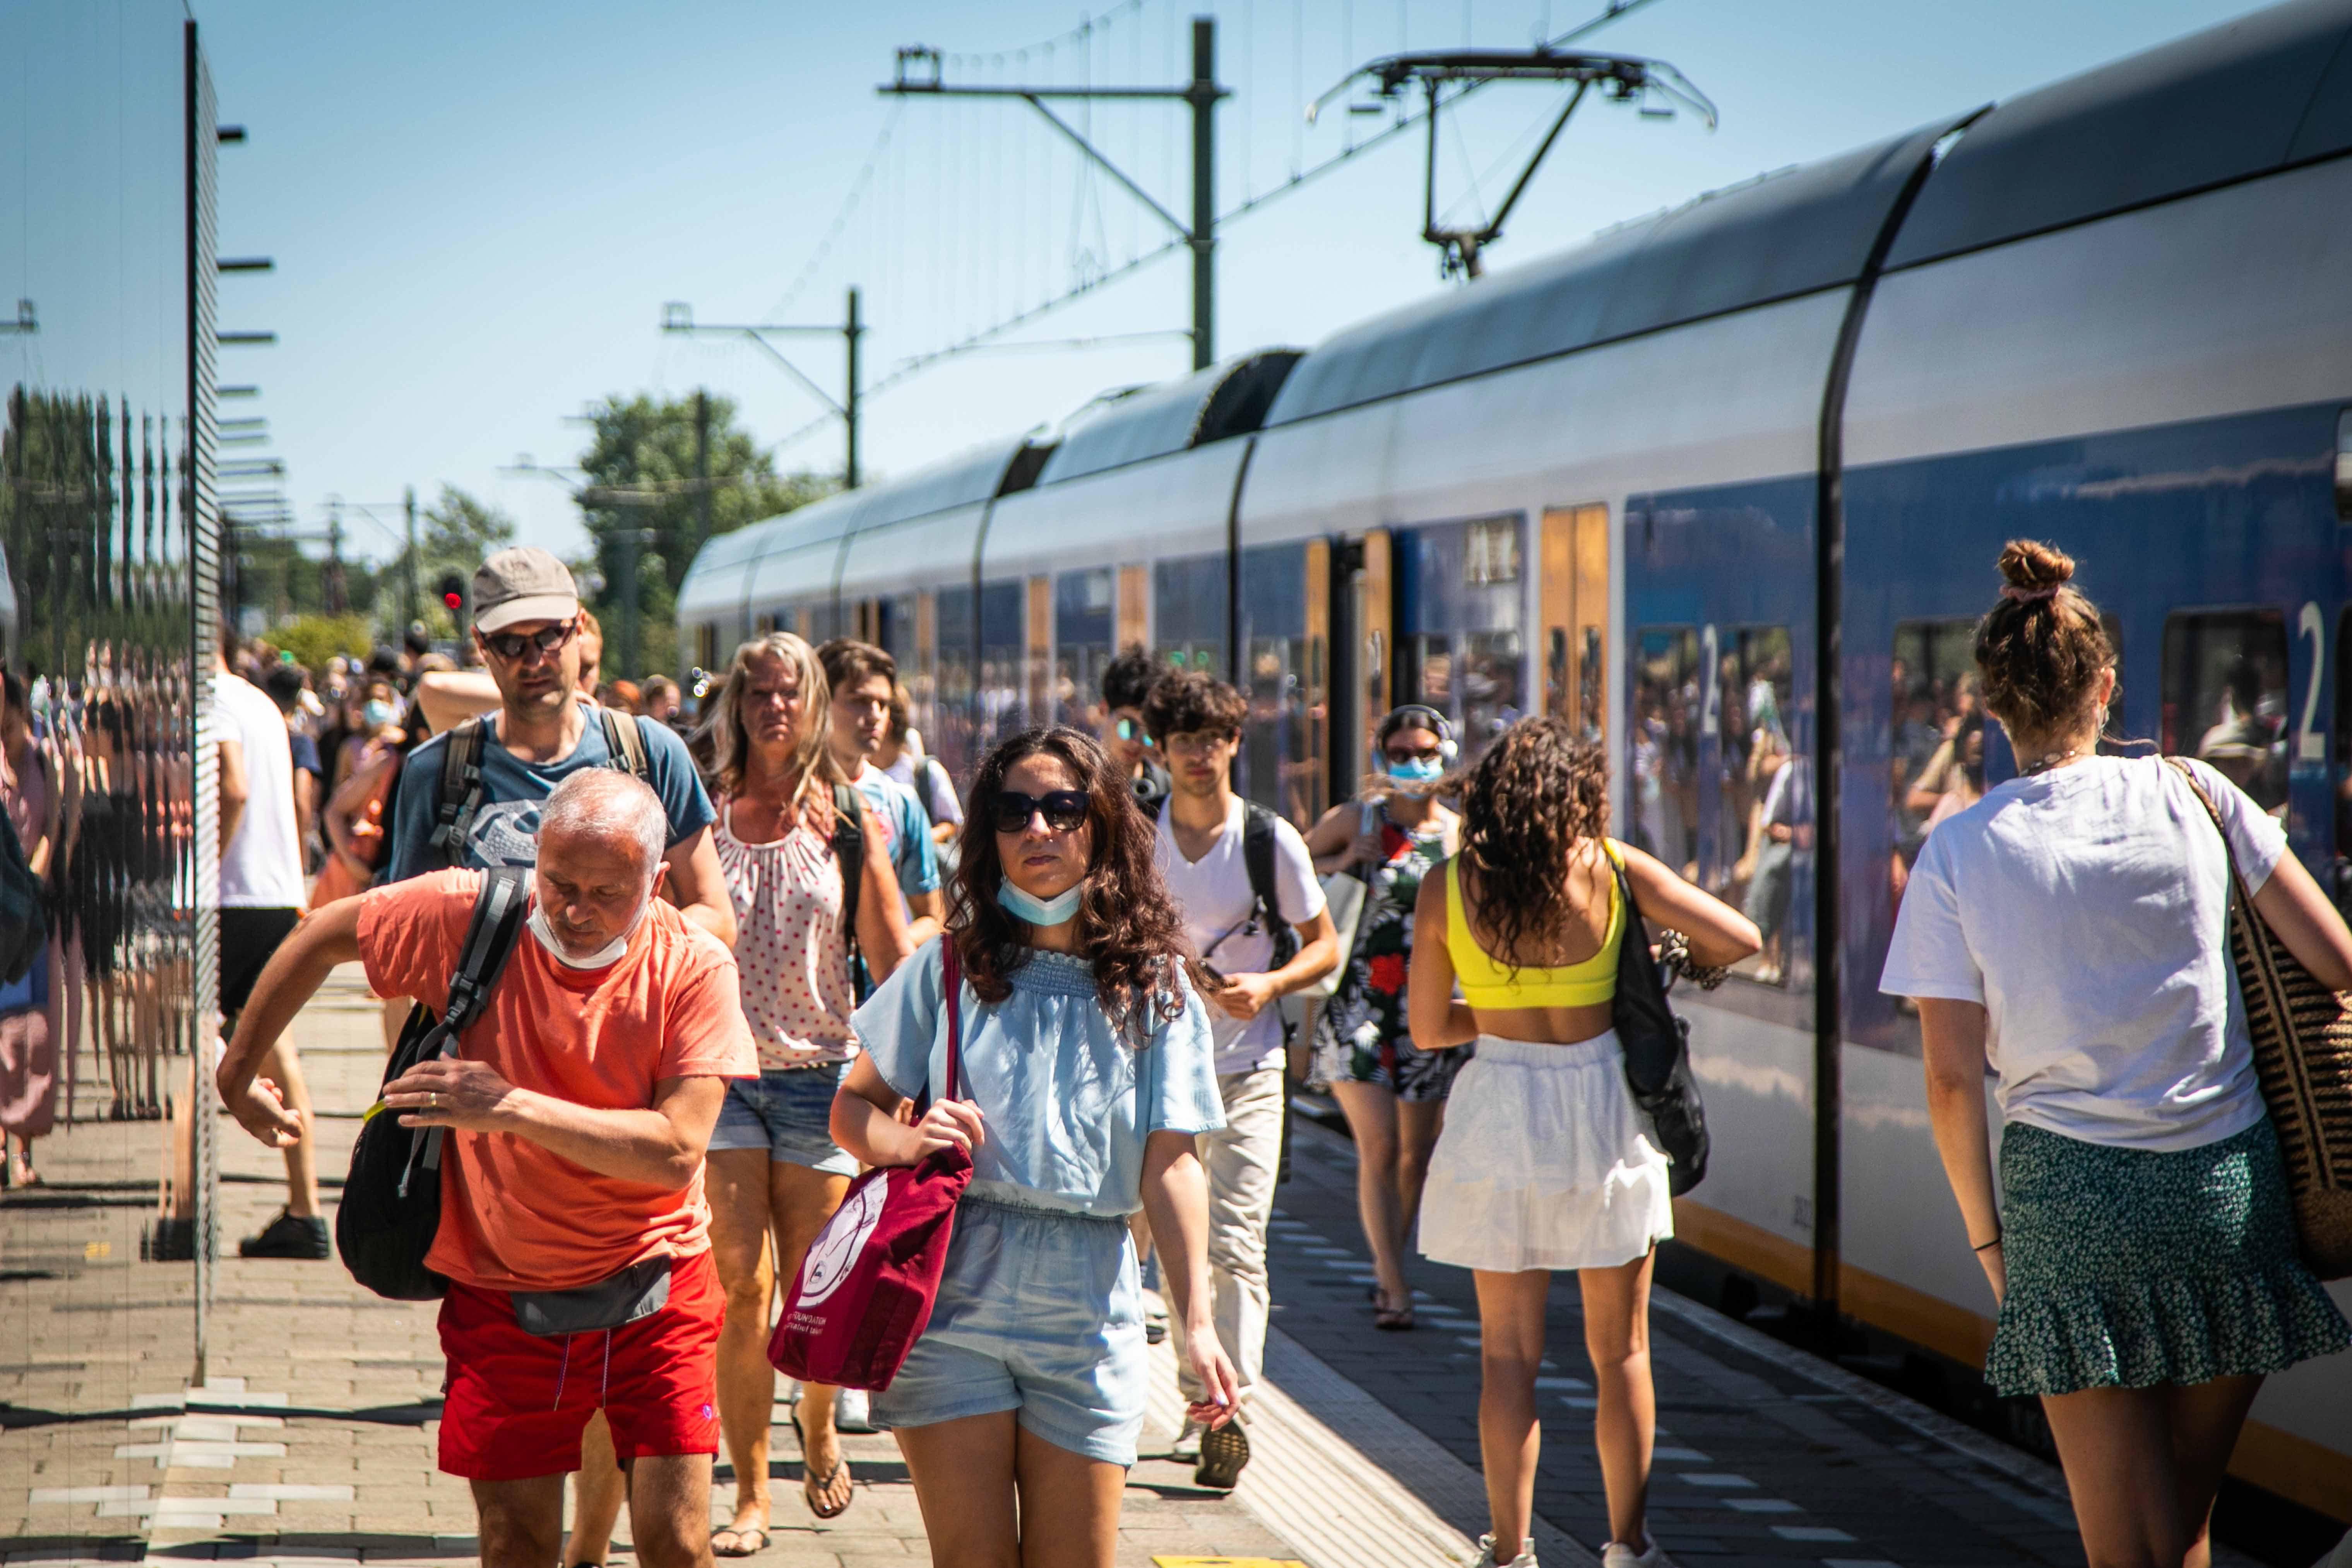 Connexxion en NS leggen verantwoordelijkheid deels bij de strandgangers: 'Het is aan de reiziger om te zorgen voor een goede spreiding in de bus'